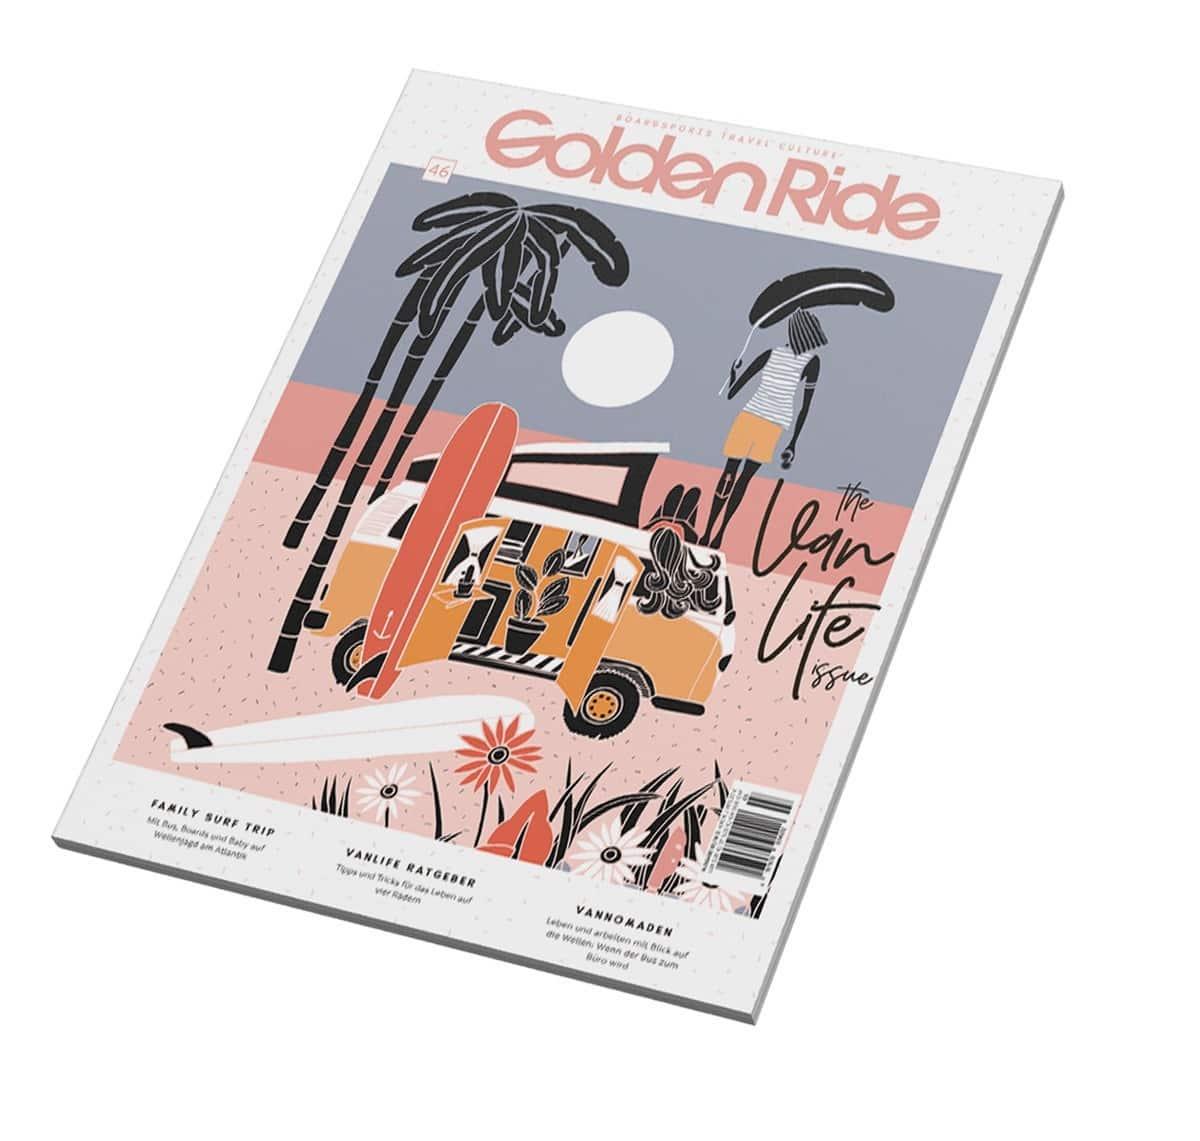 Golden Ride - The Van Issue